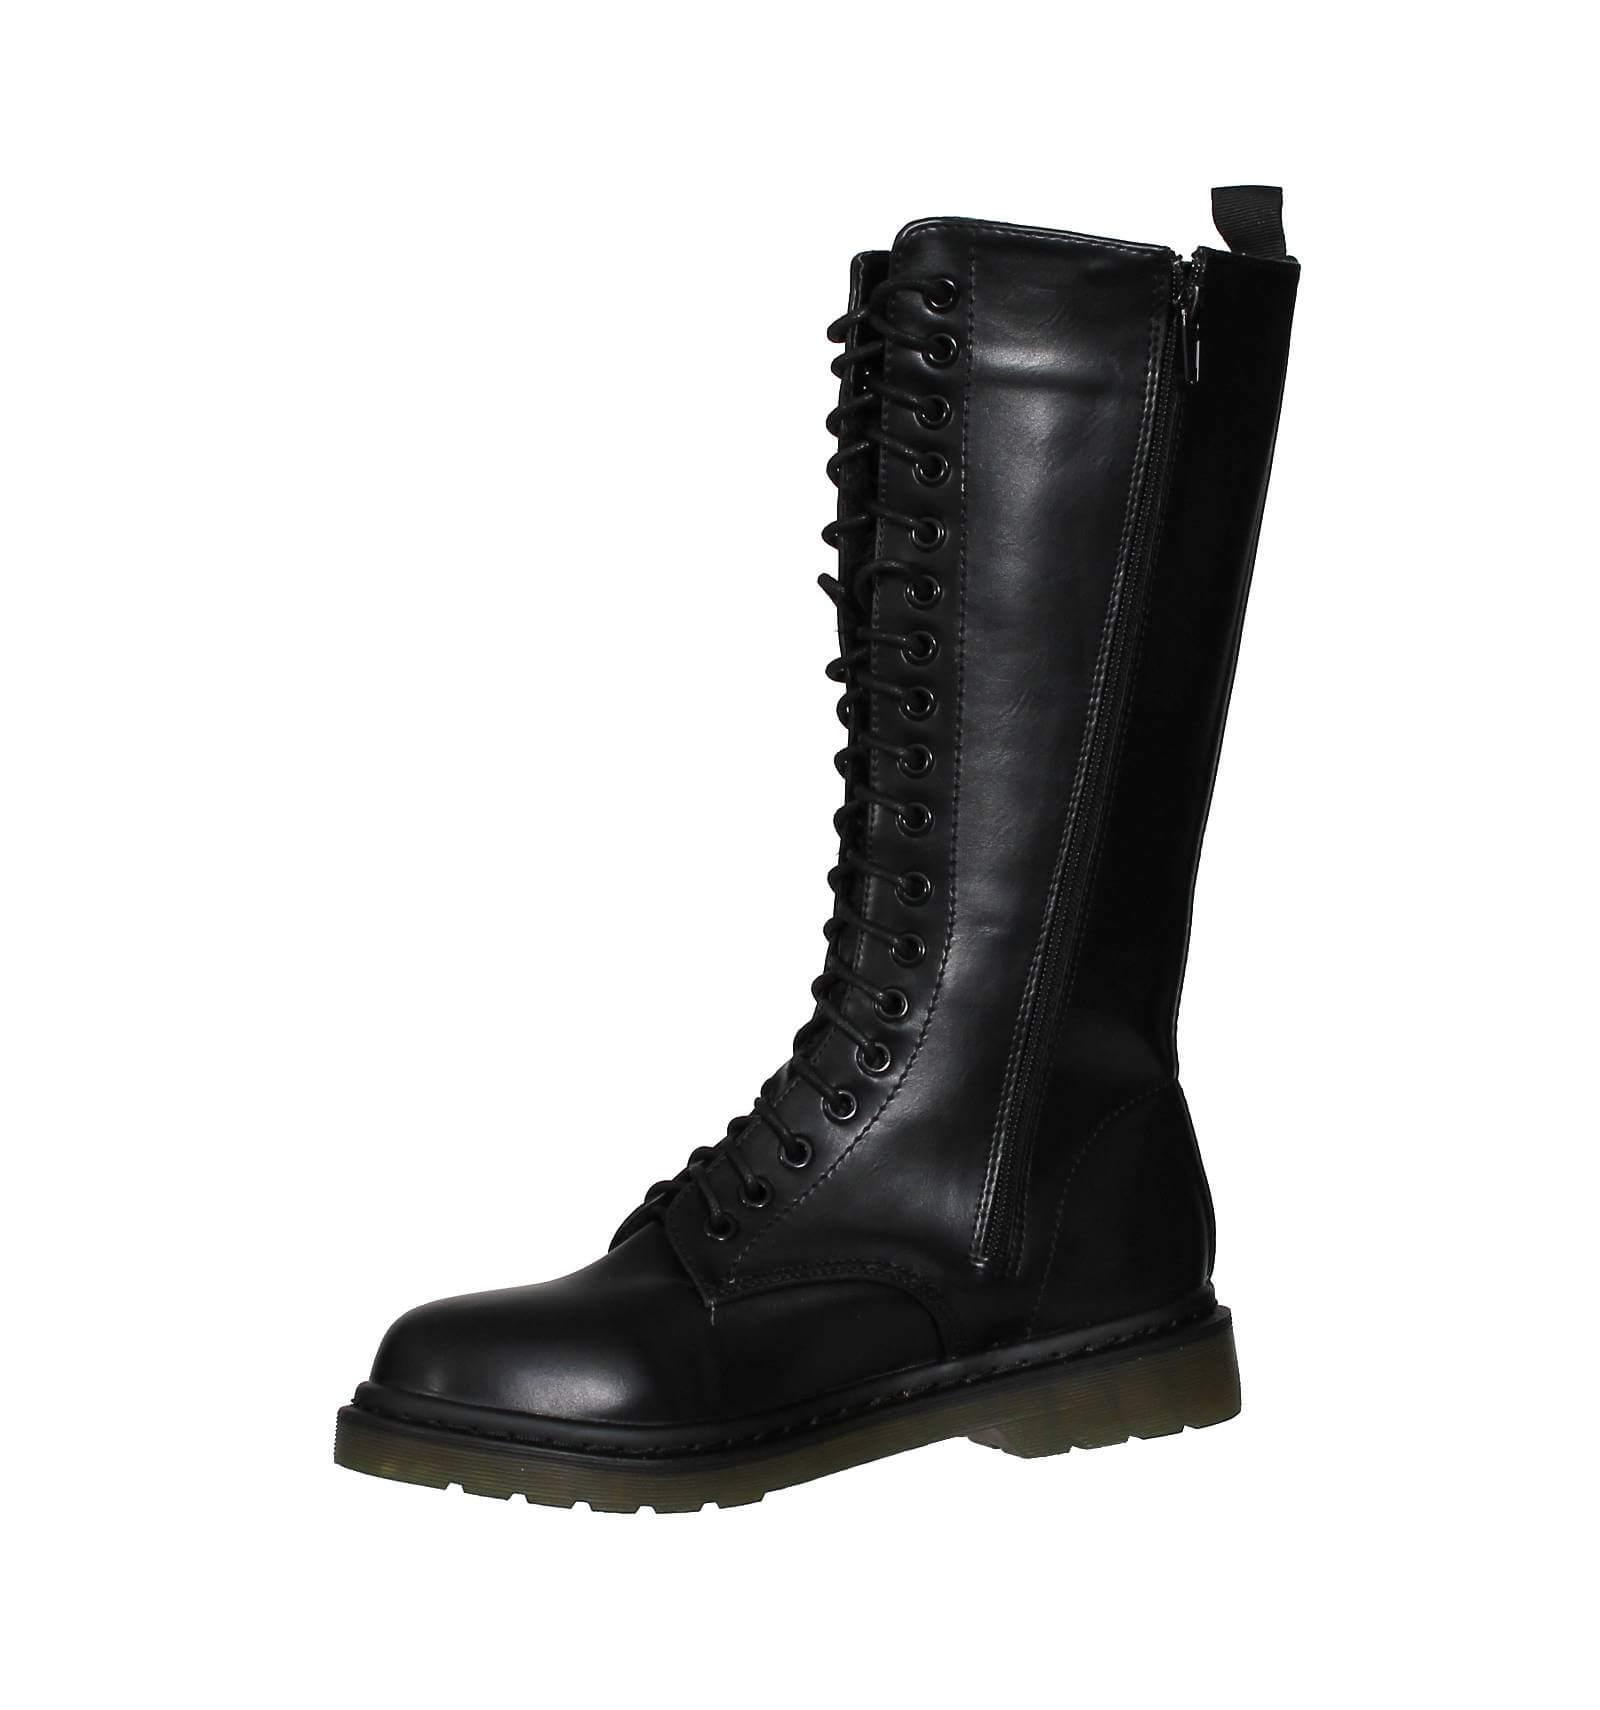 boots femme motard simili cuir noir sindy. Black Bedroom Furniture Sets. Home Design Ideas